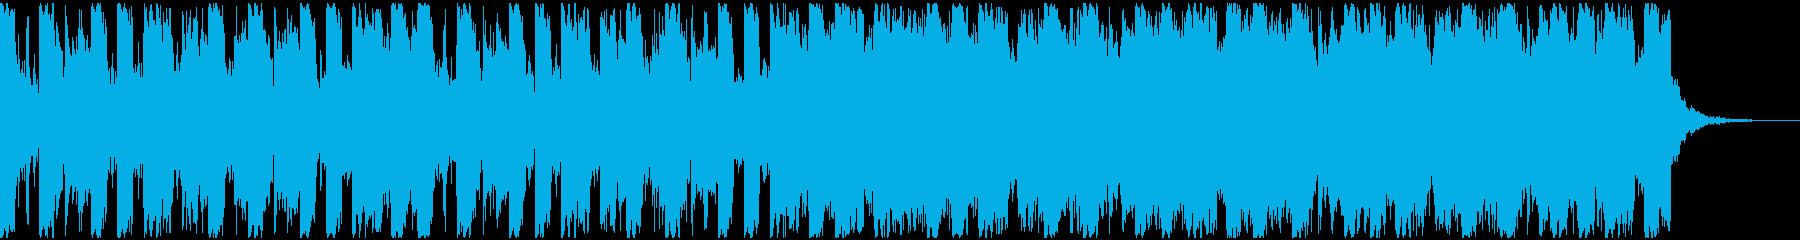 わくわくする近未来、洋楽のトレンドの再生済みの波形